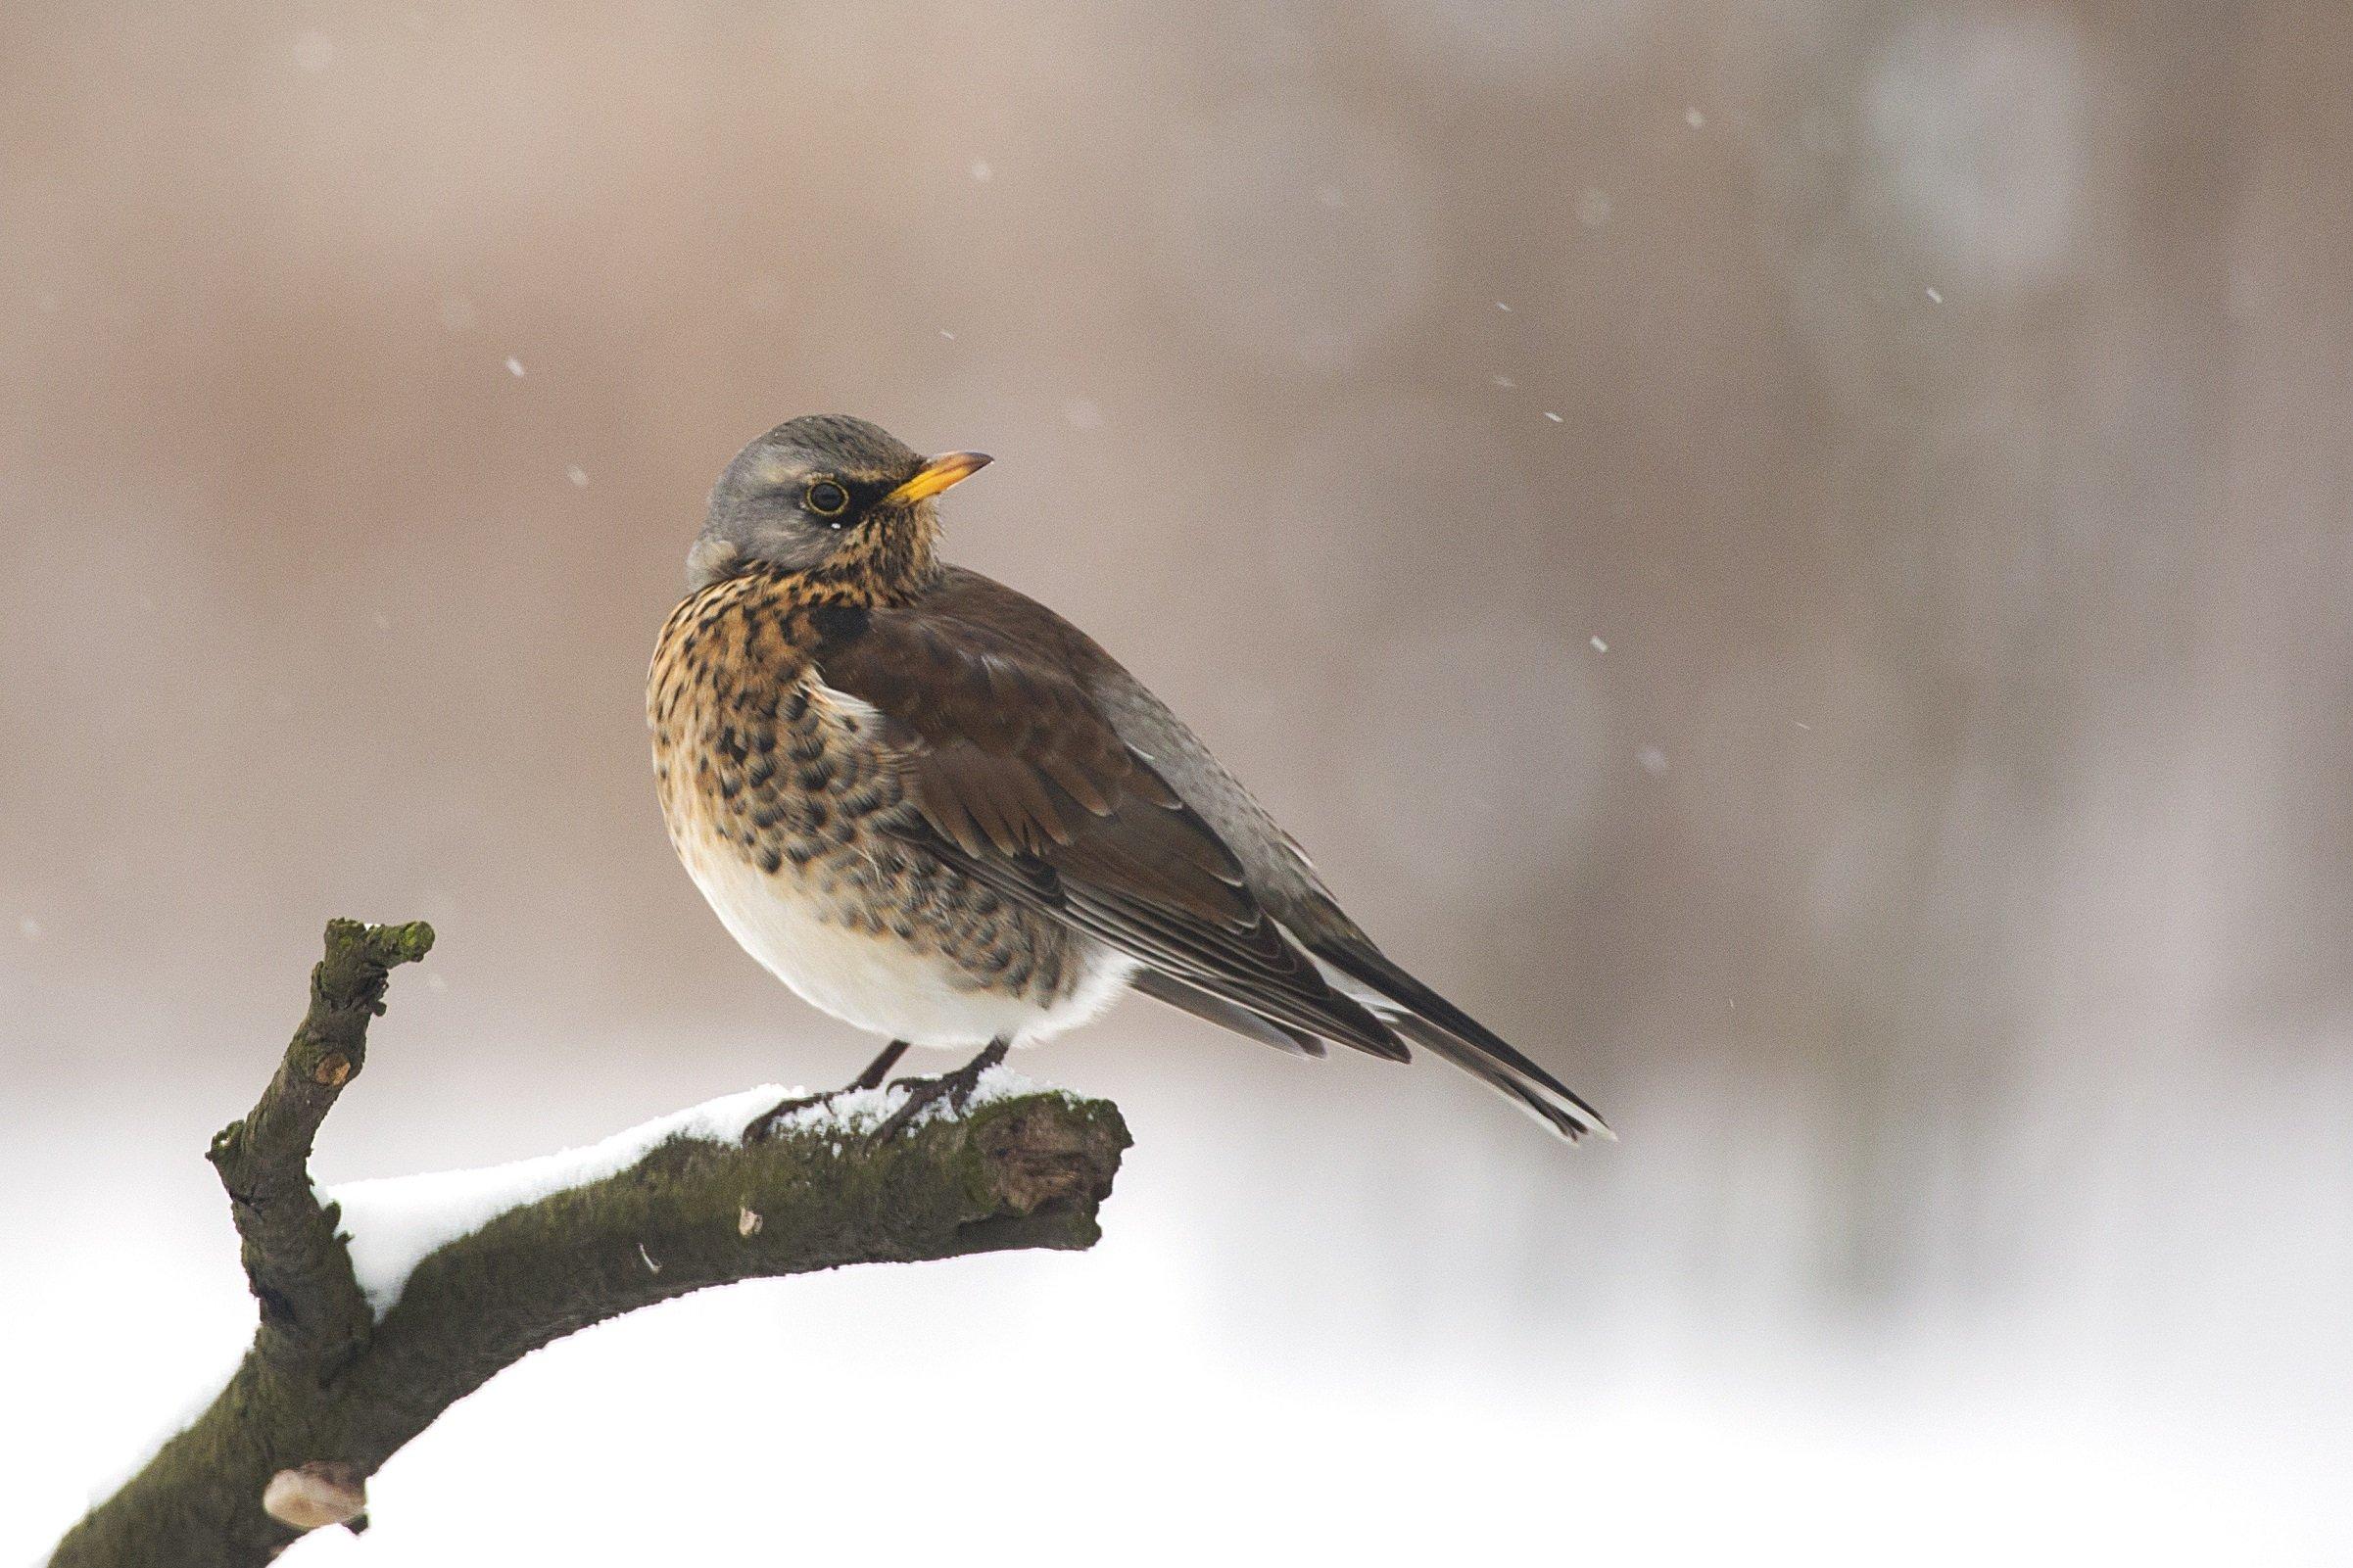 A bird perched on a snowy twig